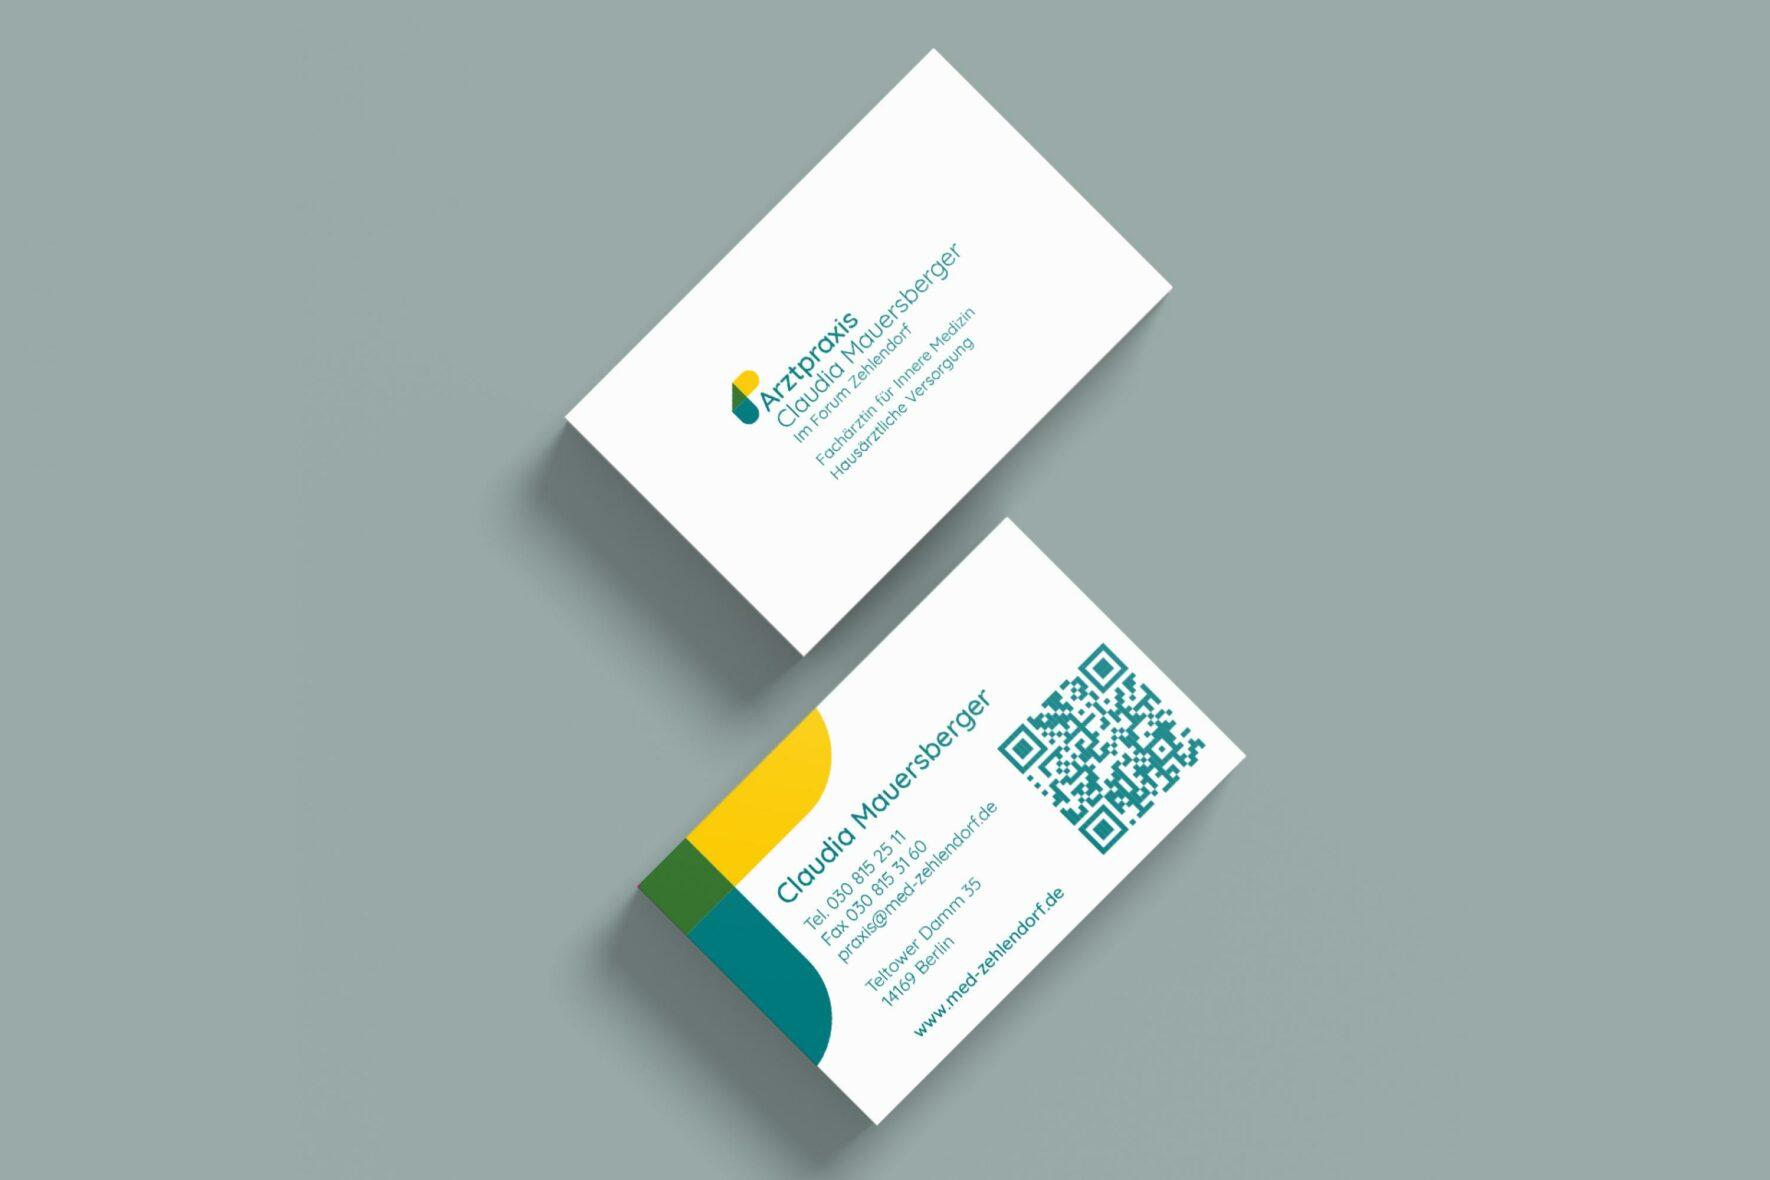 Praxis-Claudia-Mauersberger-Corporate-Design-Print-Geschaeftsausstattung-Visitenkarten-FORMLOS-Berlin-einfach